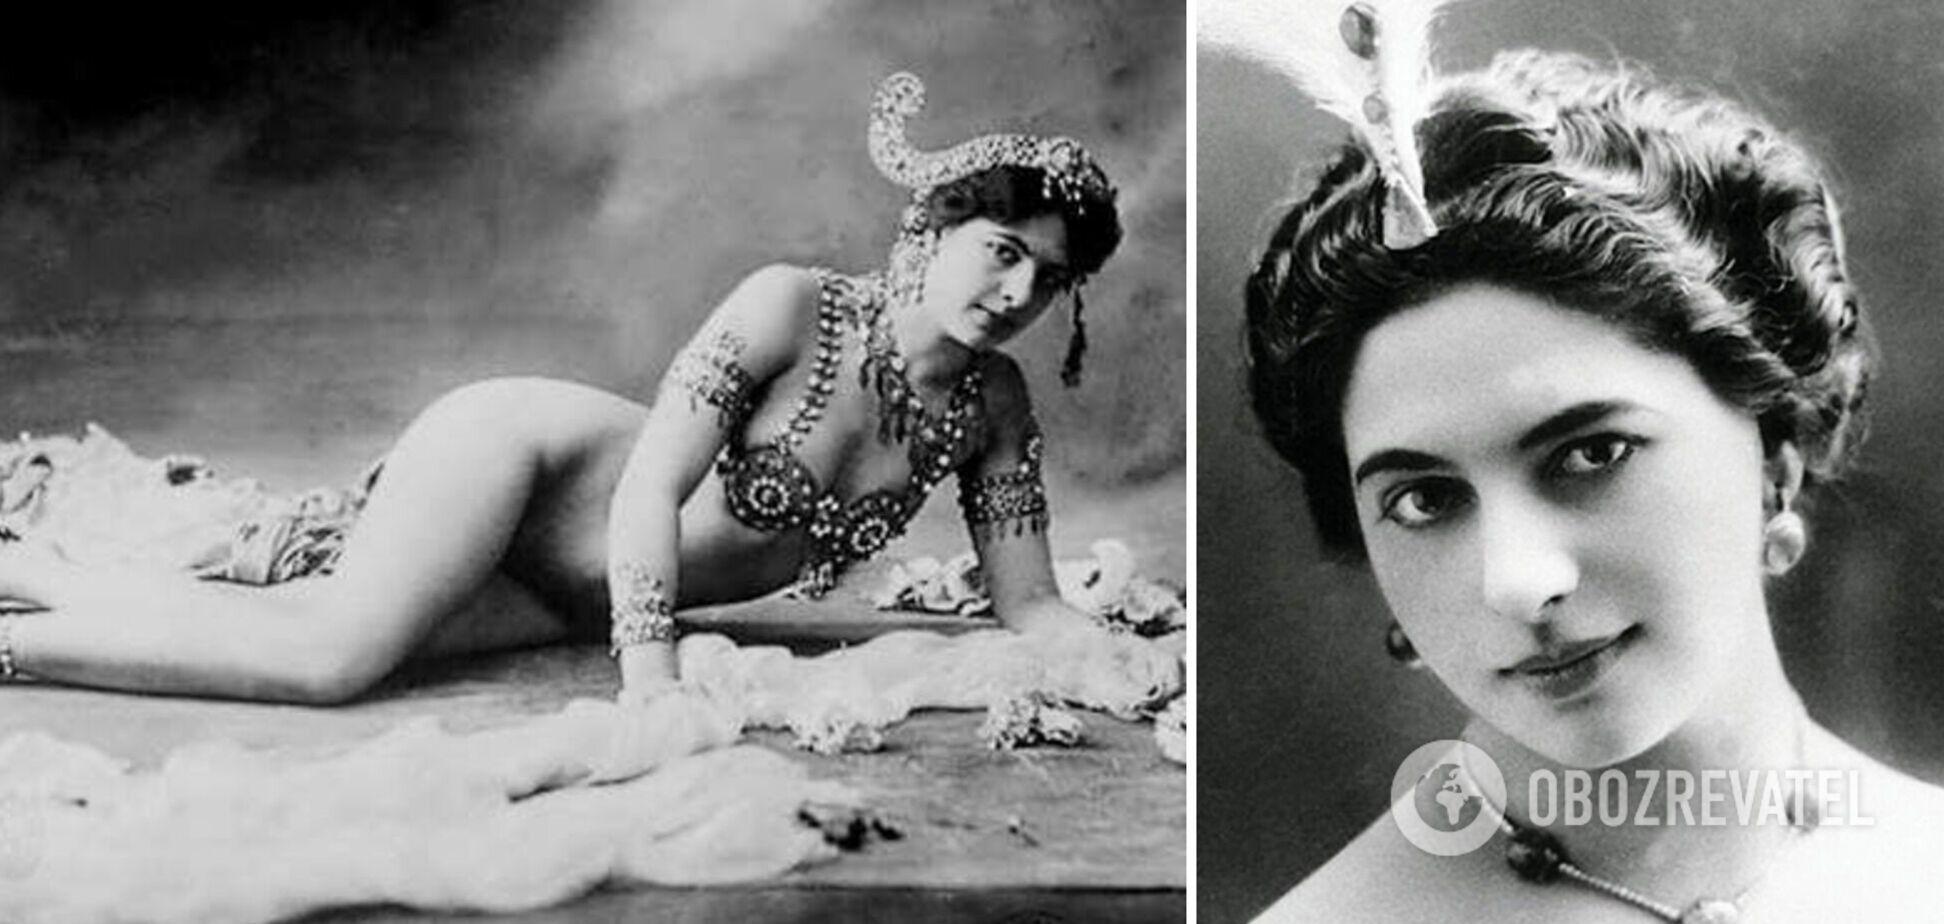 Мата Гарі була танцівницею і куртизанкою